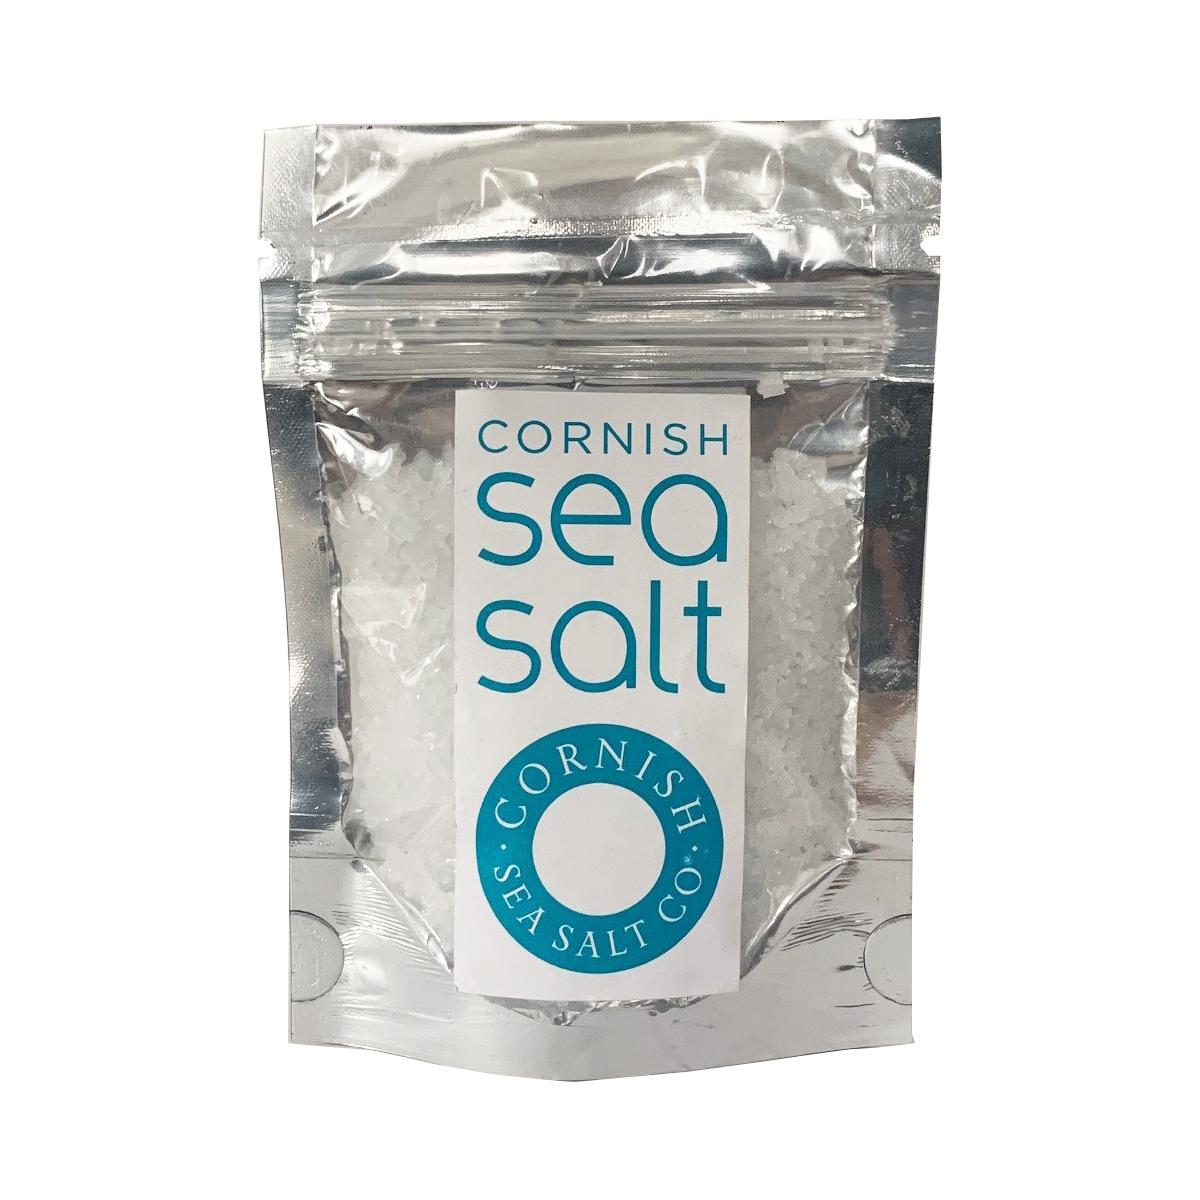 Cornish Sea Salt Original